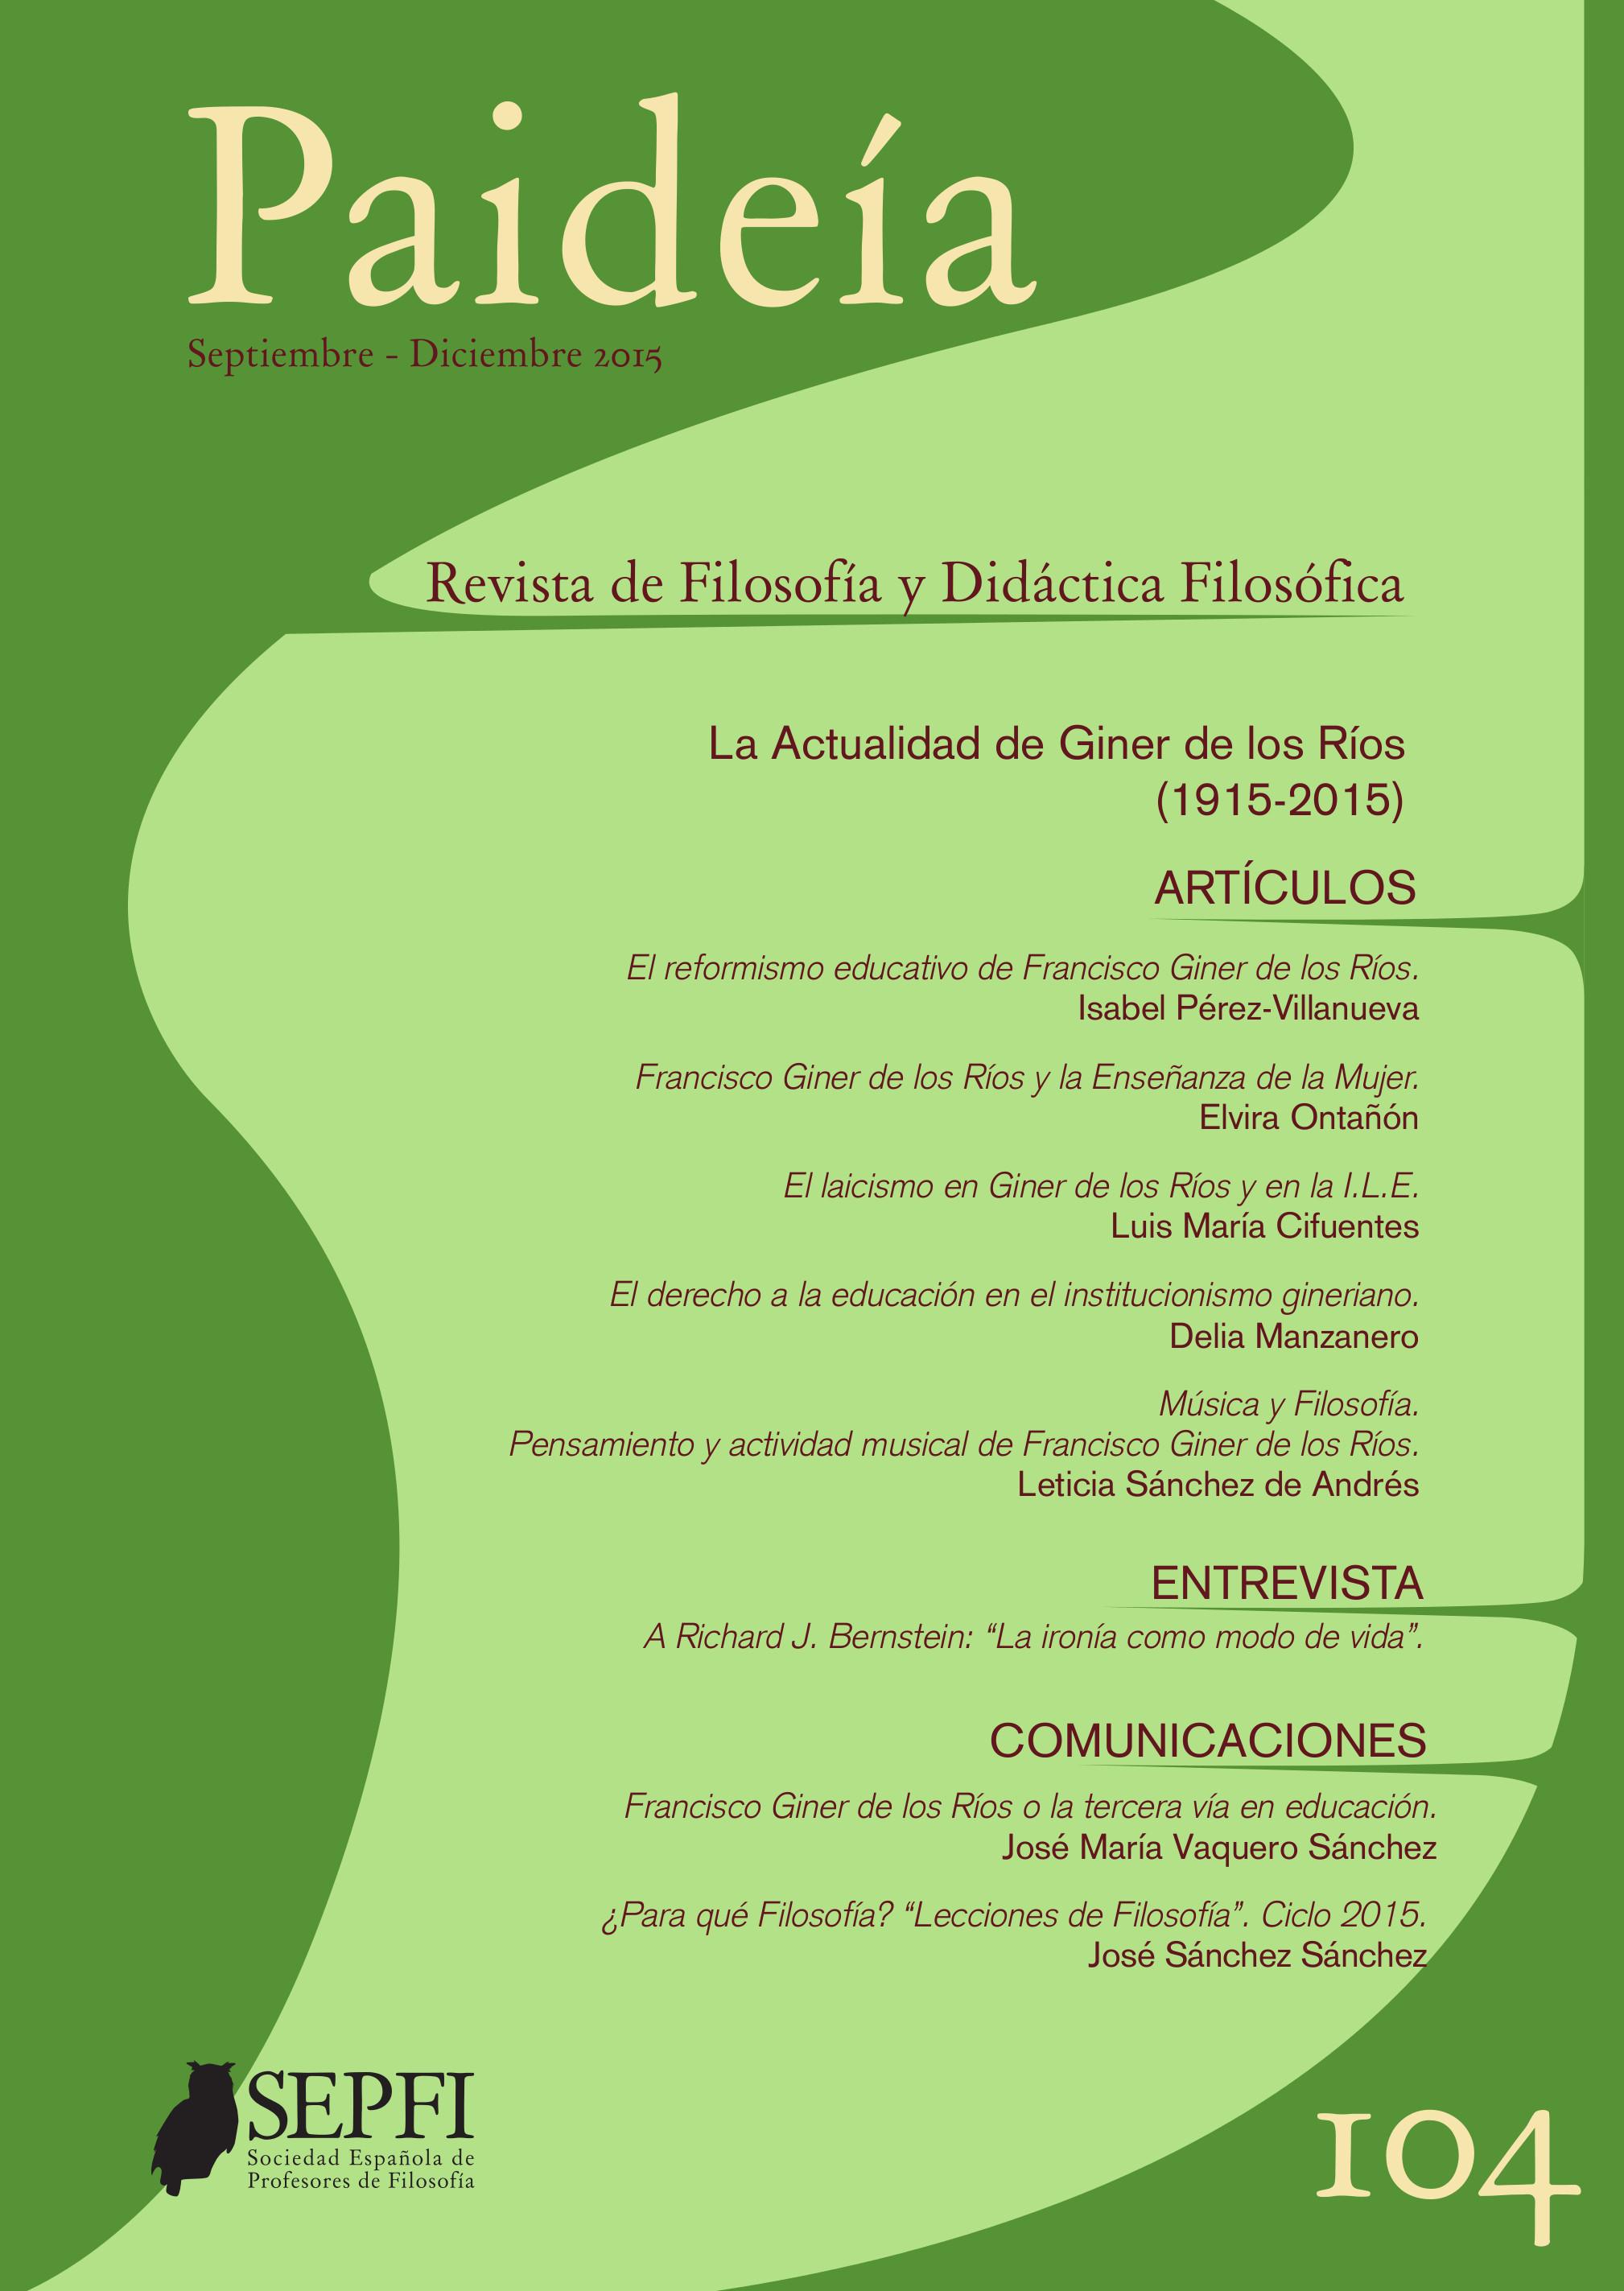 PAIDEIA104-Giner-de-los-Ríos-definitivo